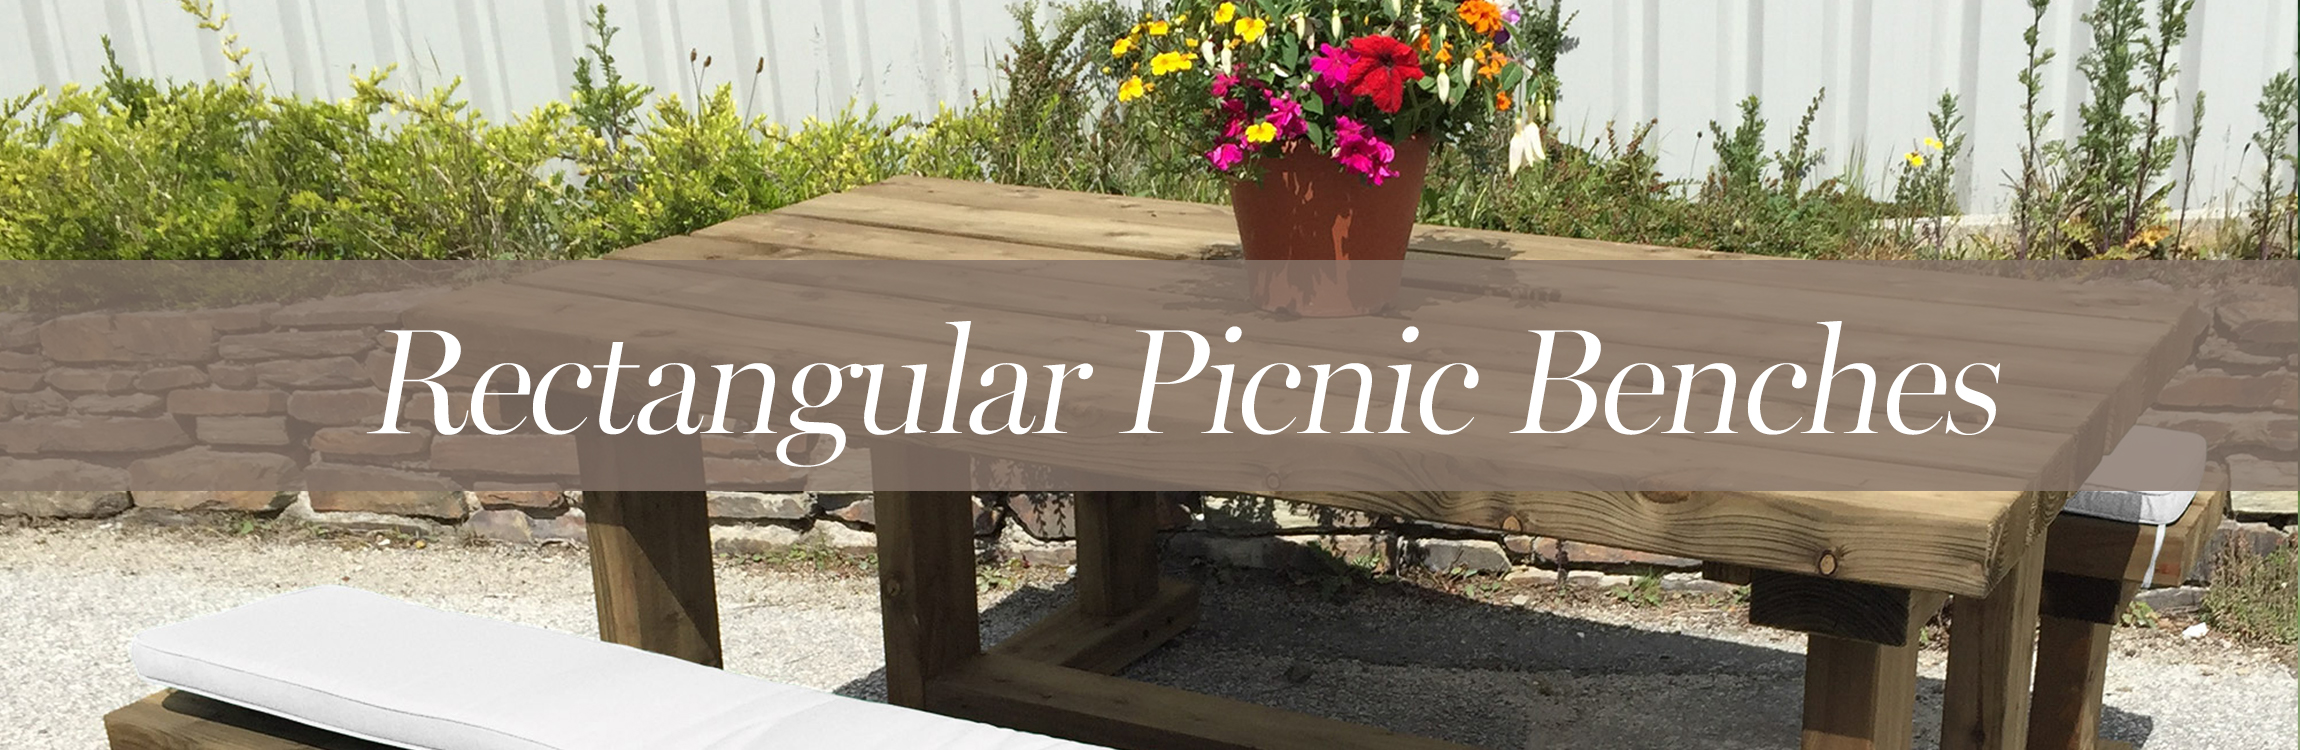 Rectangular Picnic Benches